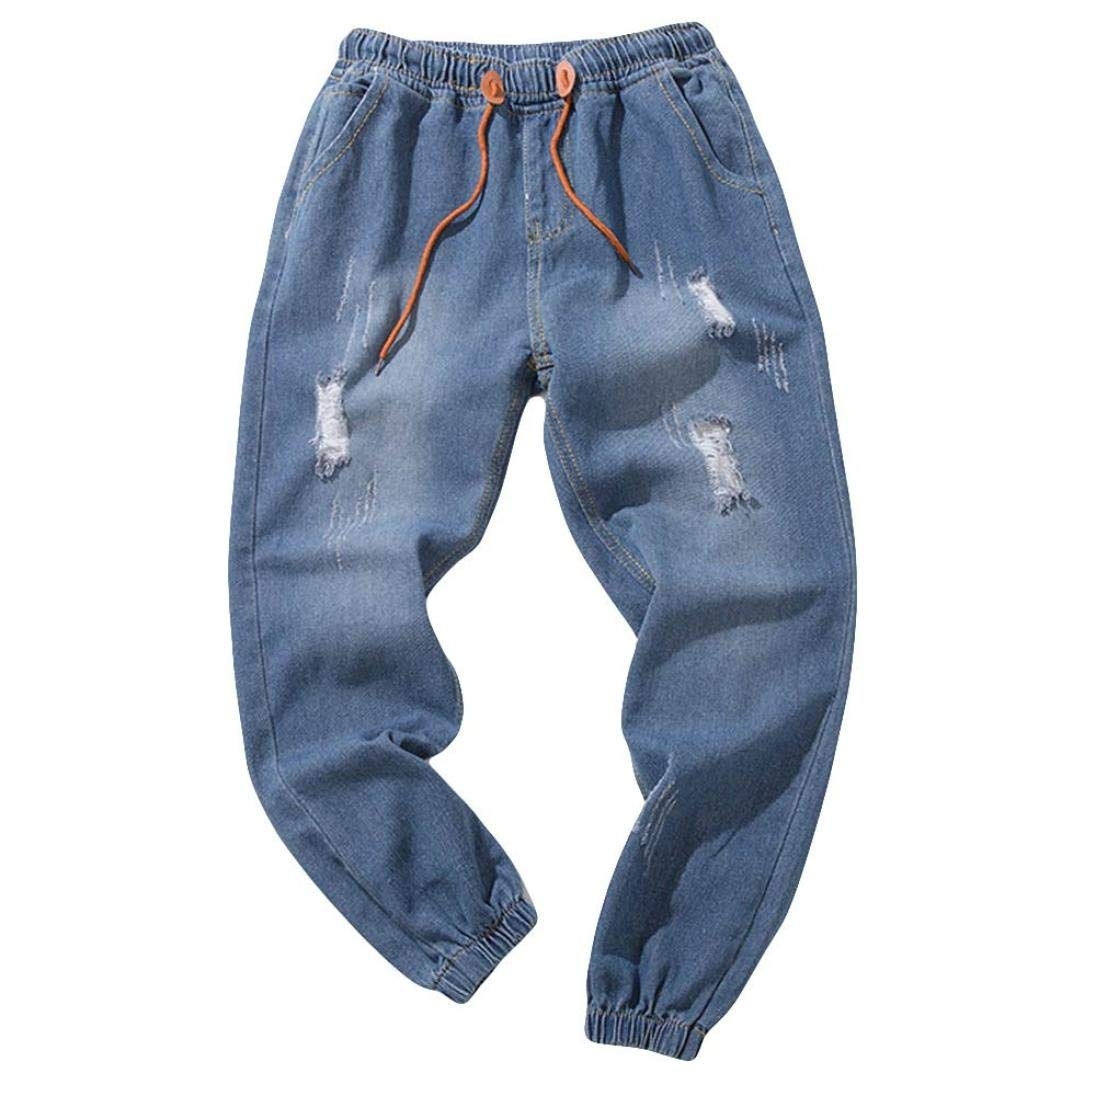 Willsa Men's Pants, Casual Plus Size Autumn Vintage Wash Denim Hole Pants Fashion Work Trousers